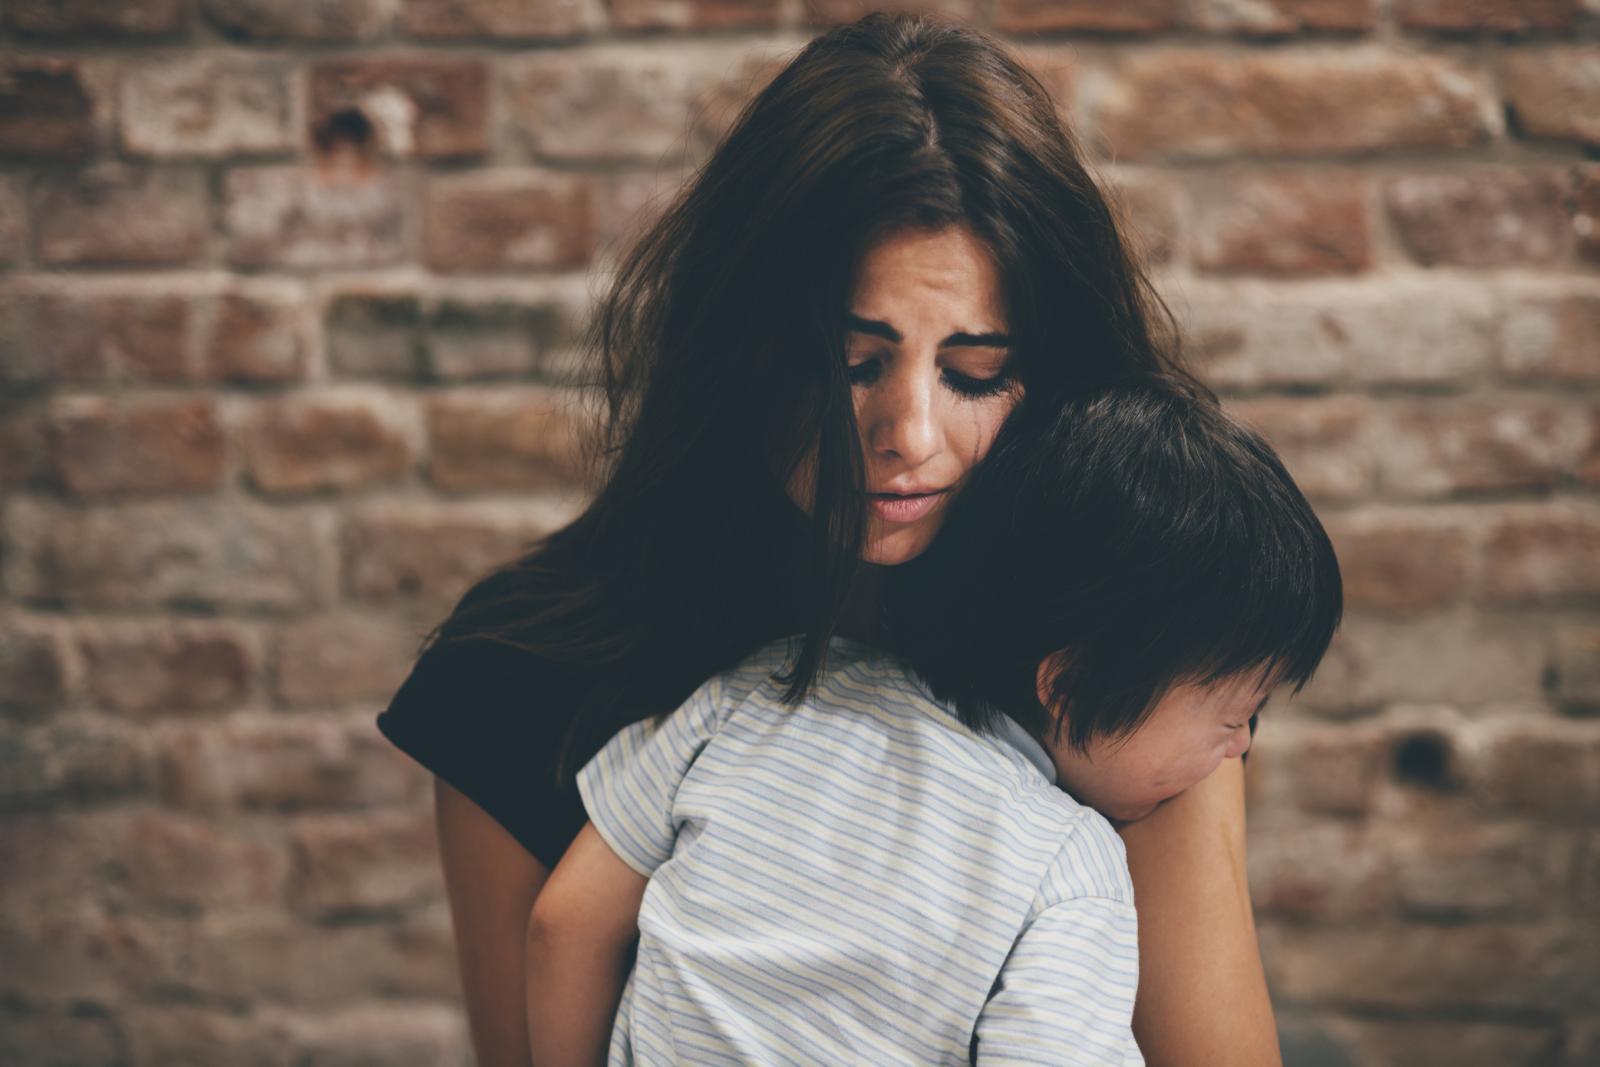 Neki ljudi posebno su osjetljivi pa će čak i zbog jačeg stiska na njihovu tijelu nastati modrica.